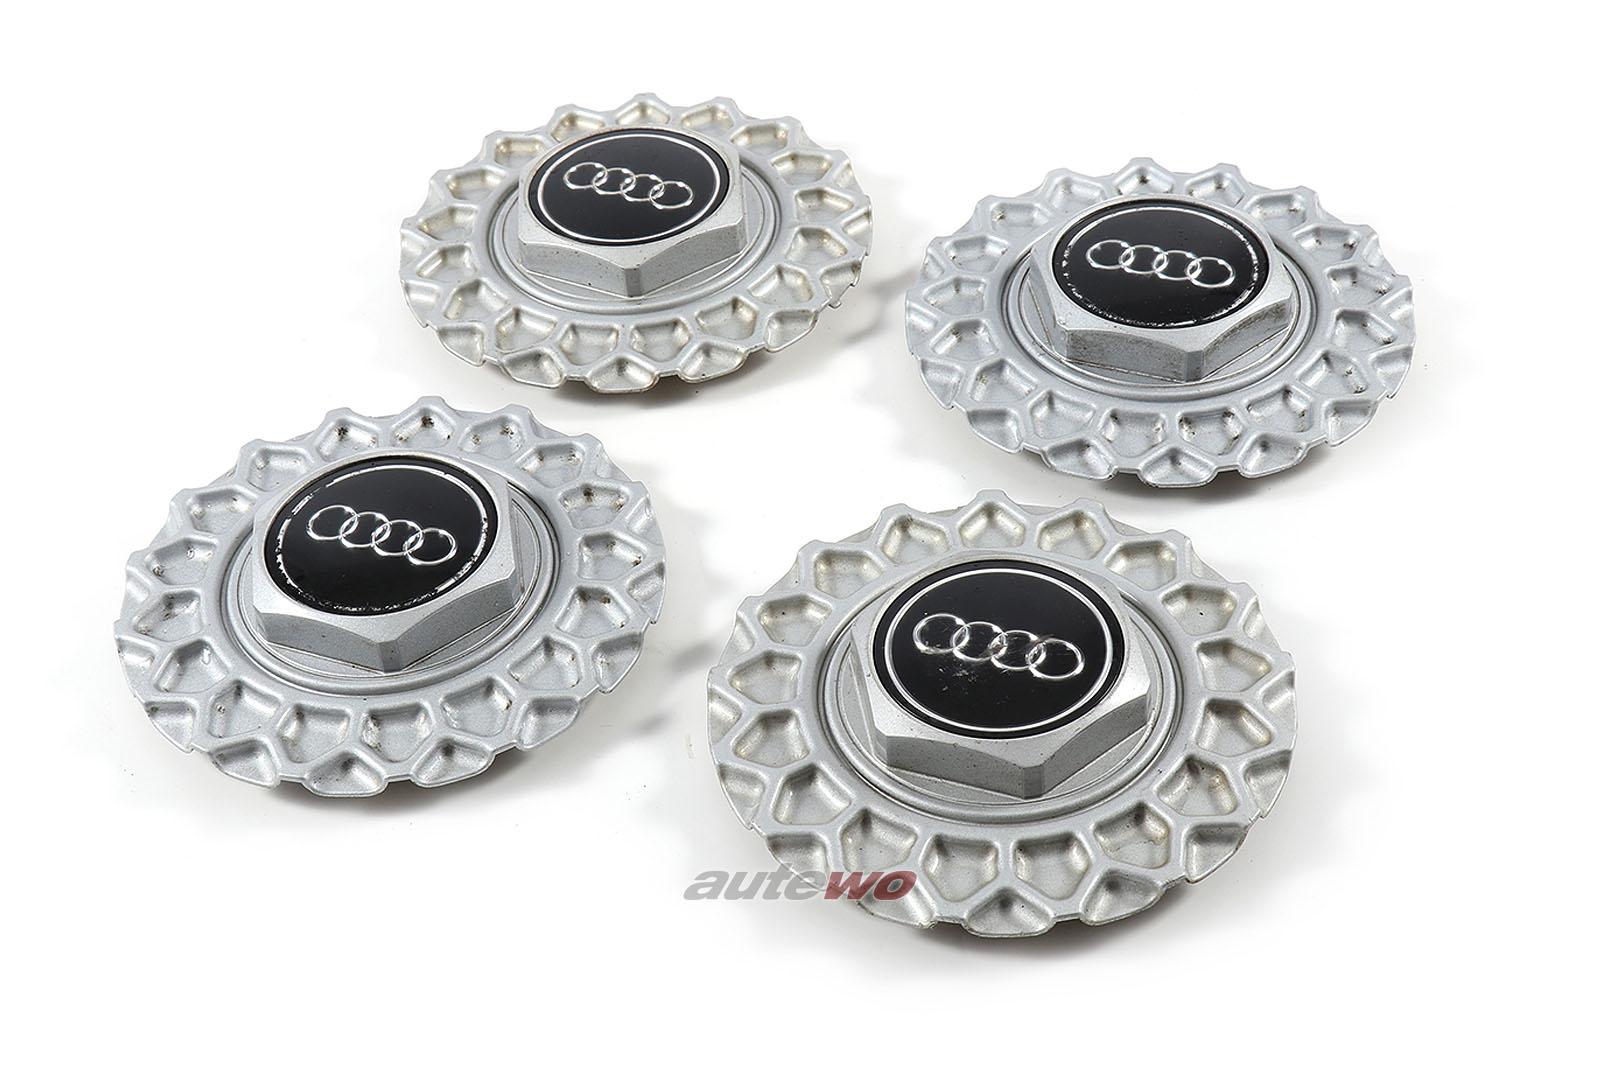 447601165B & 443601153 Audi V8 D11 Set Felgendeckel BBS Kreuzspeichen-Felgen